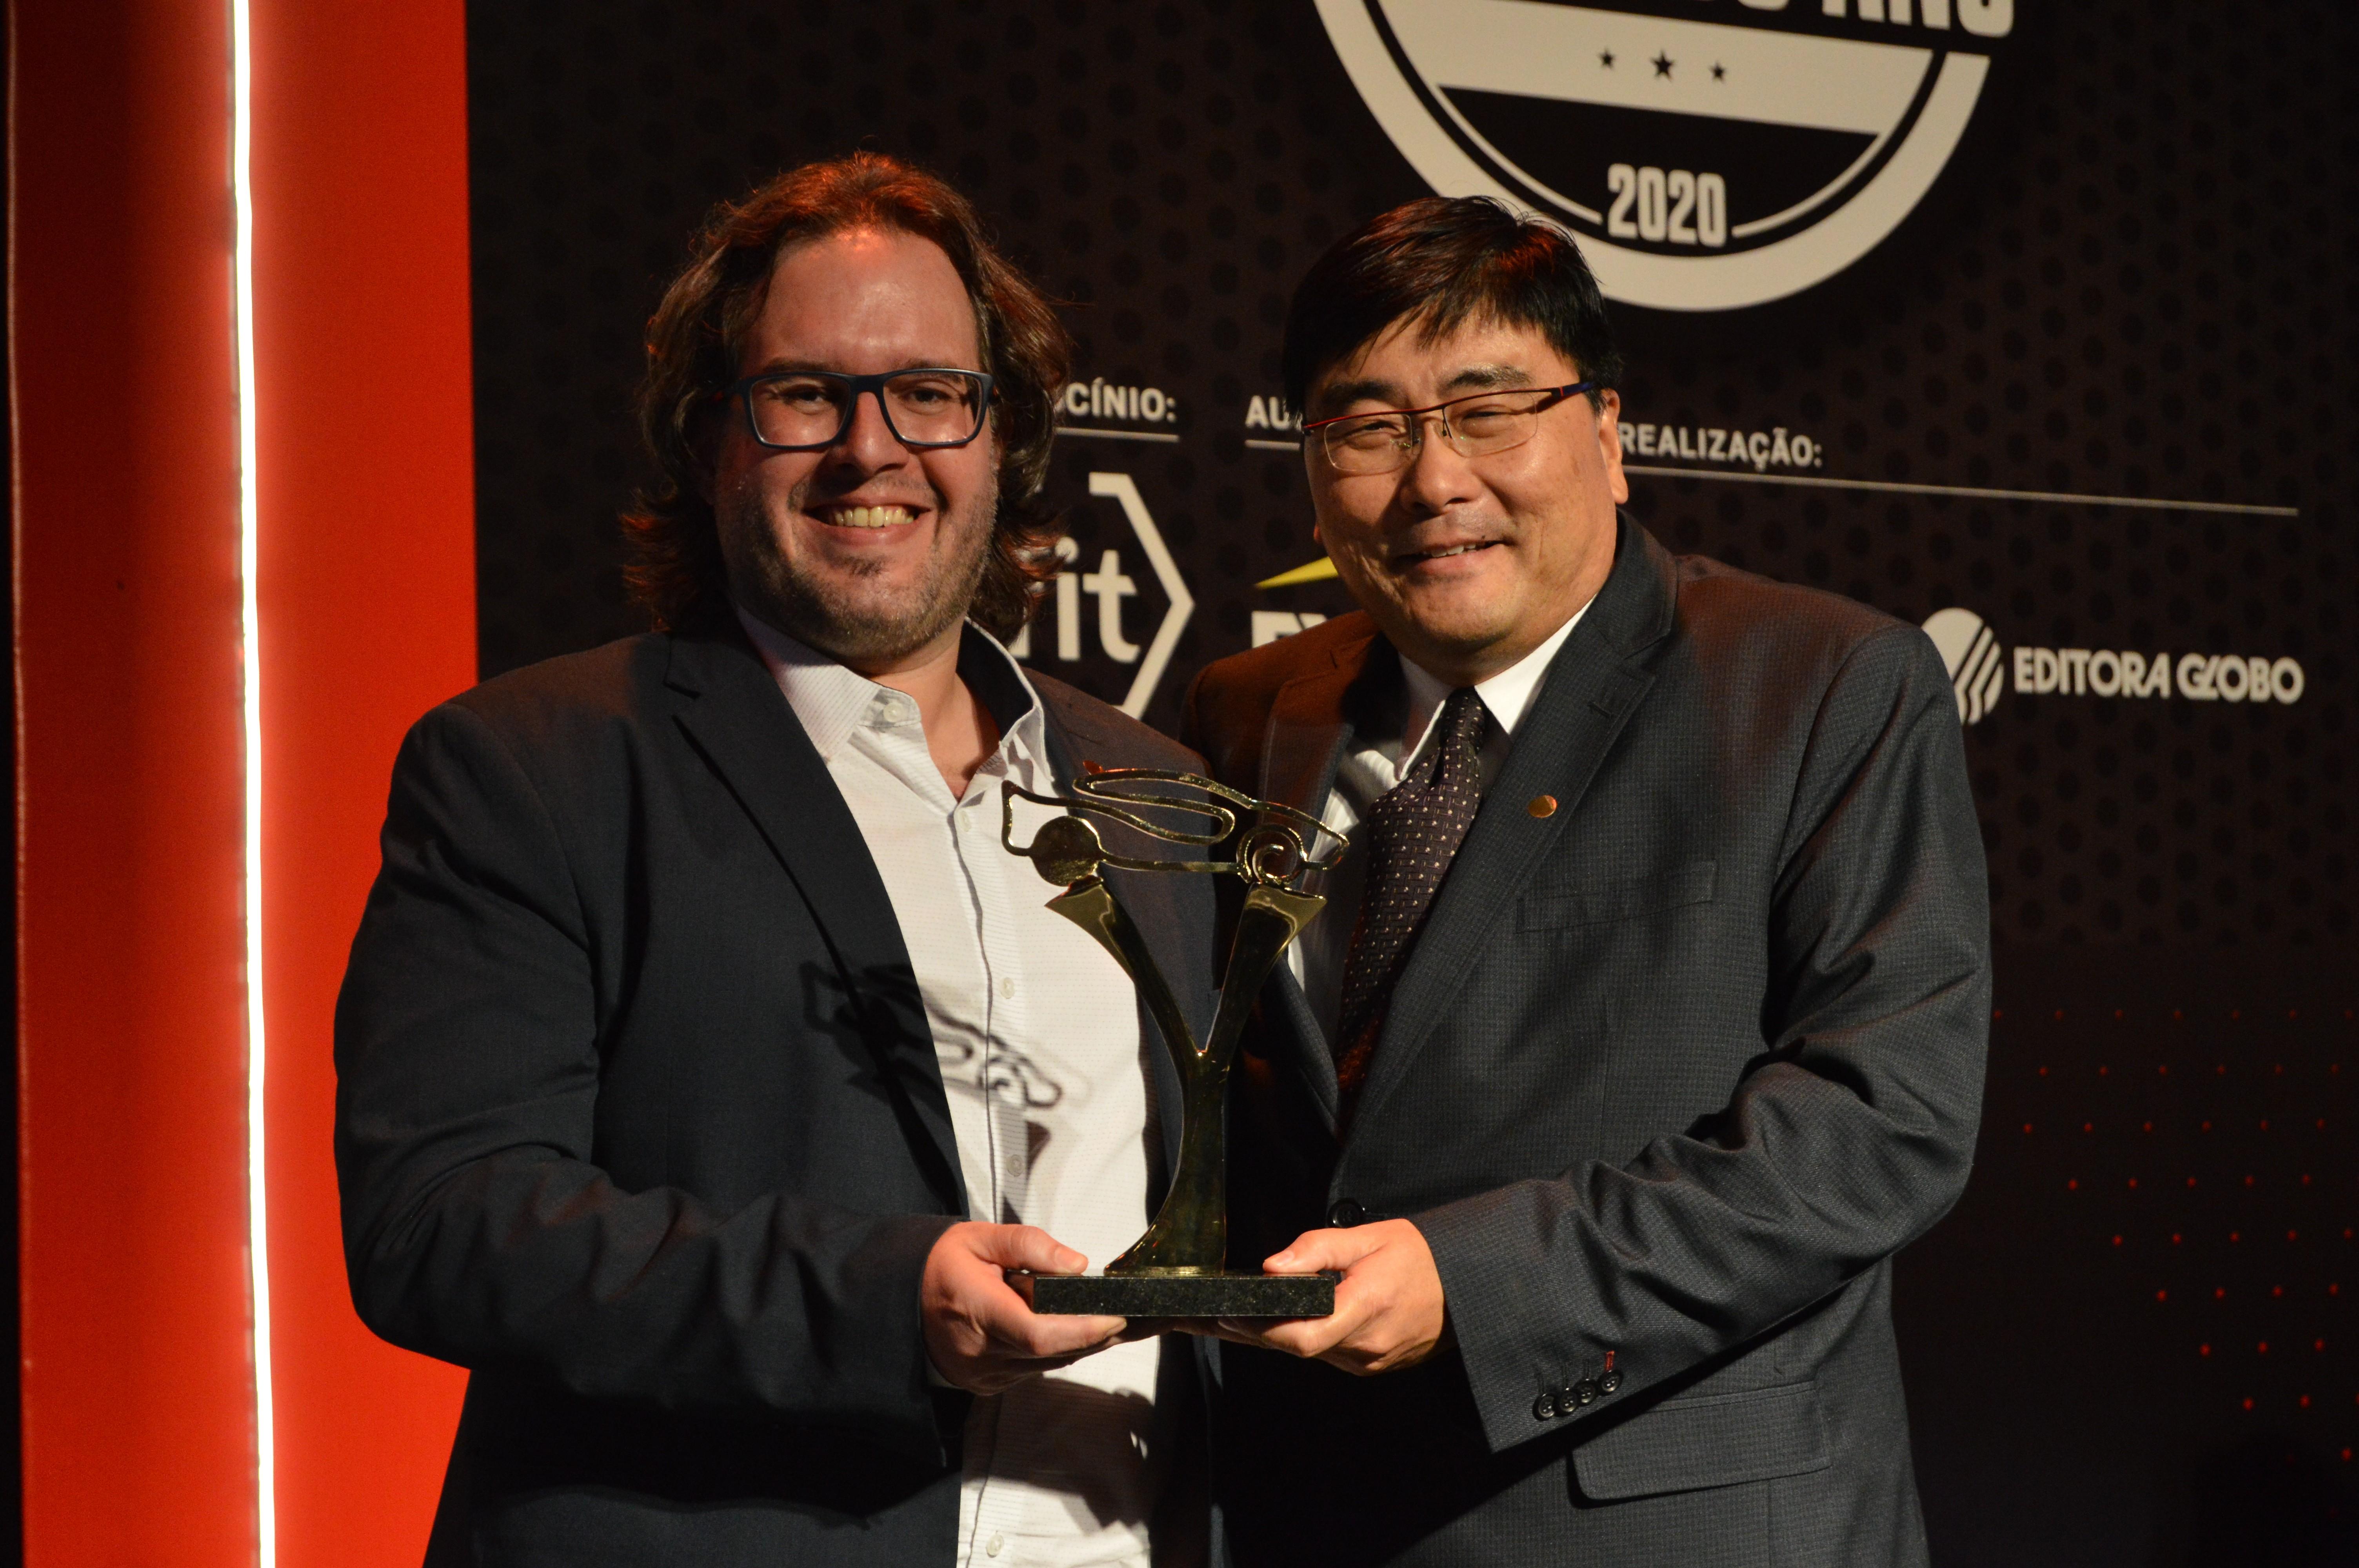 Celso Simomura (à direita), da Toyota, recebe o prêmio (Foto: André Schaun)